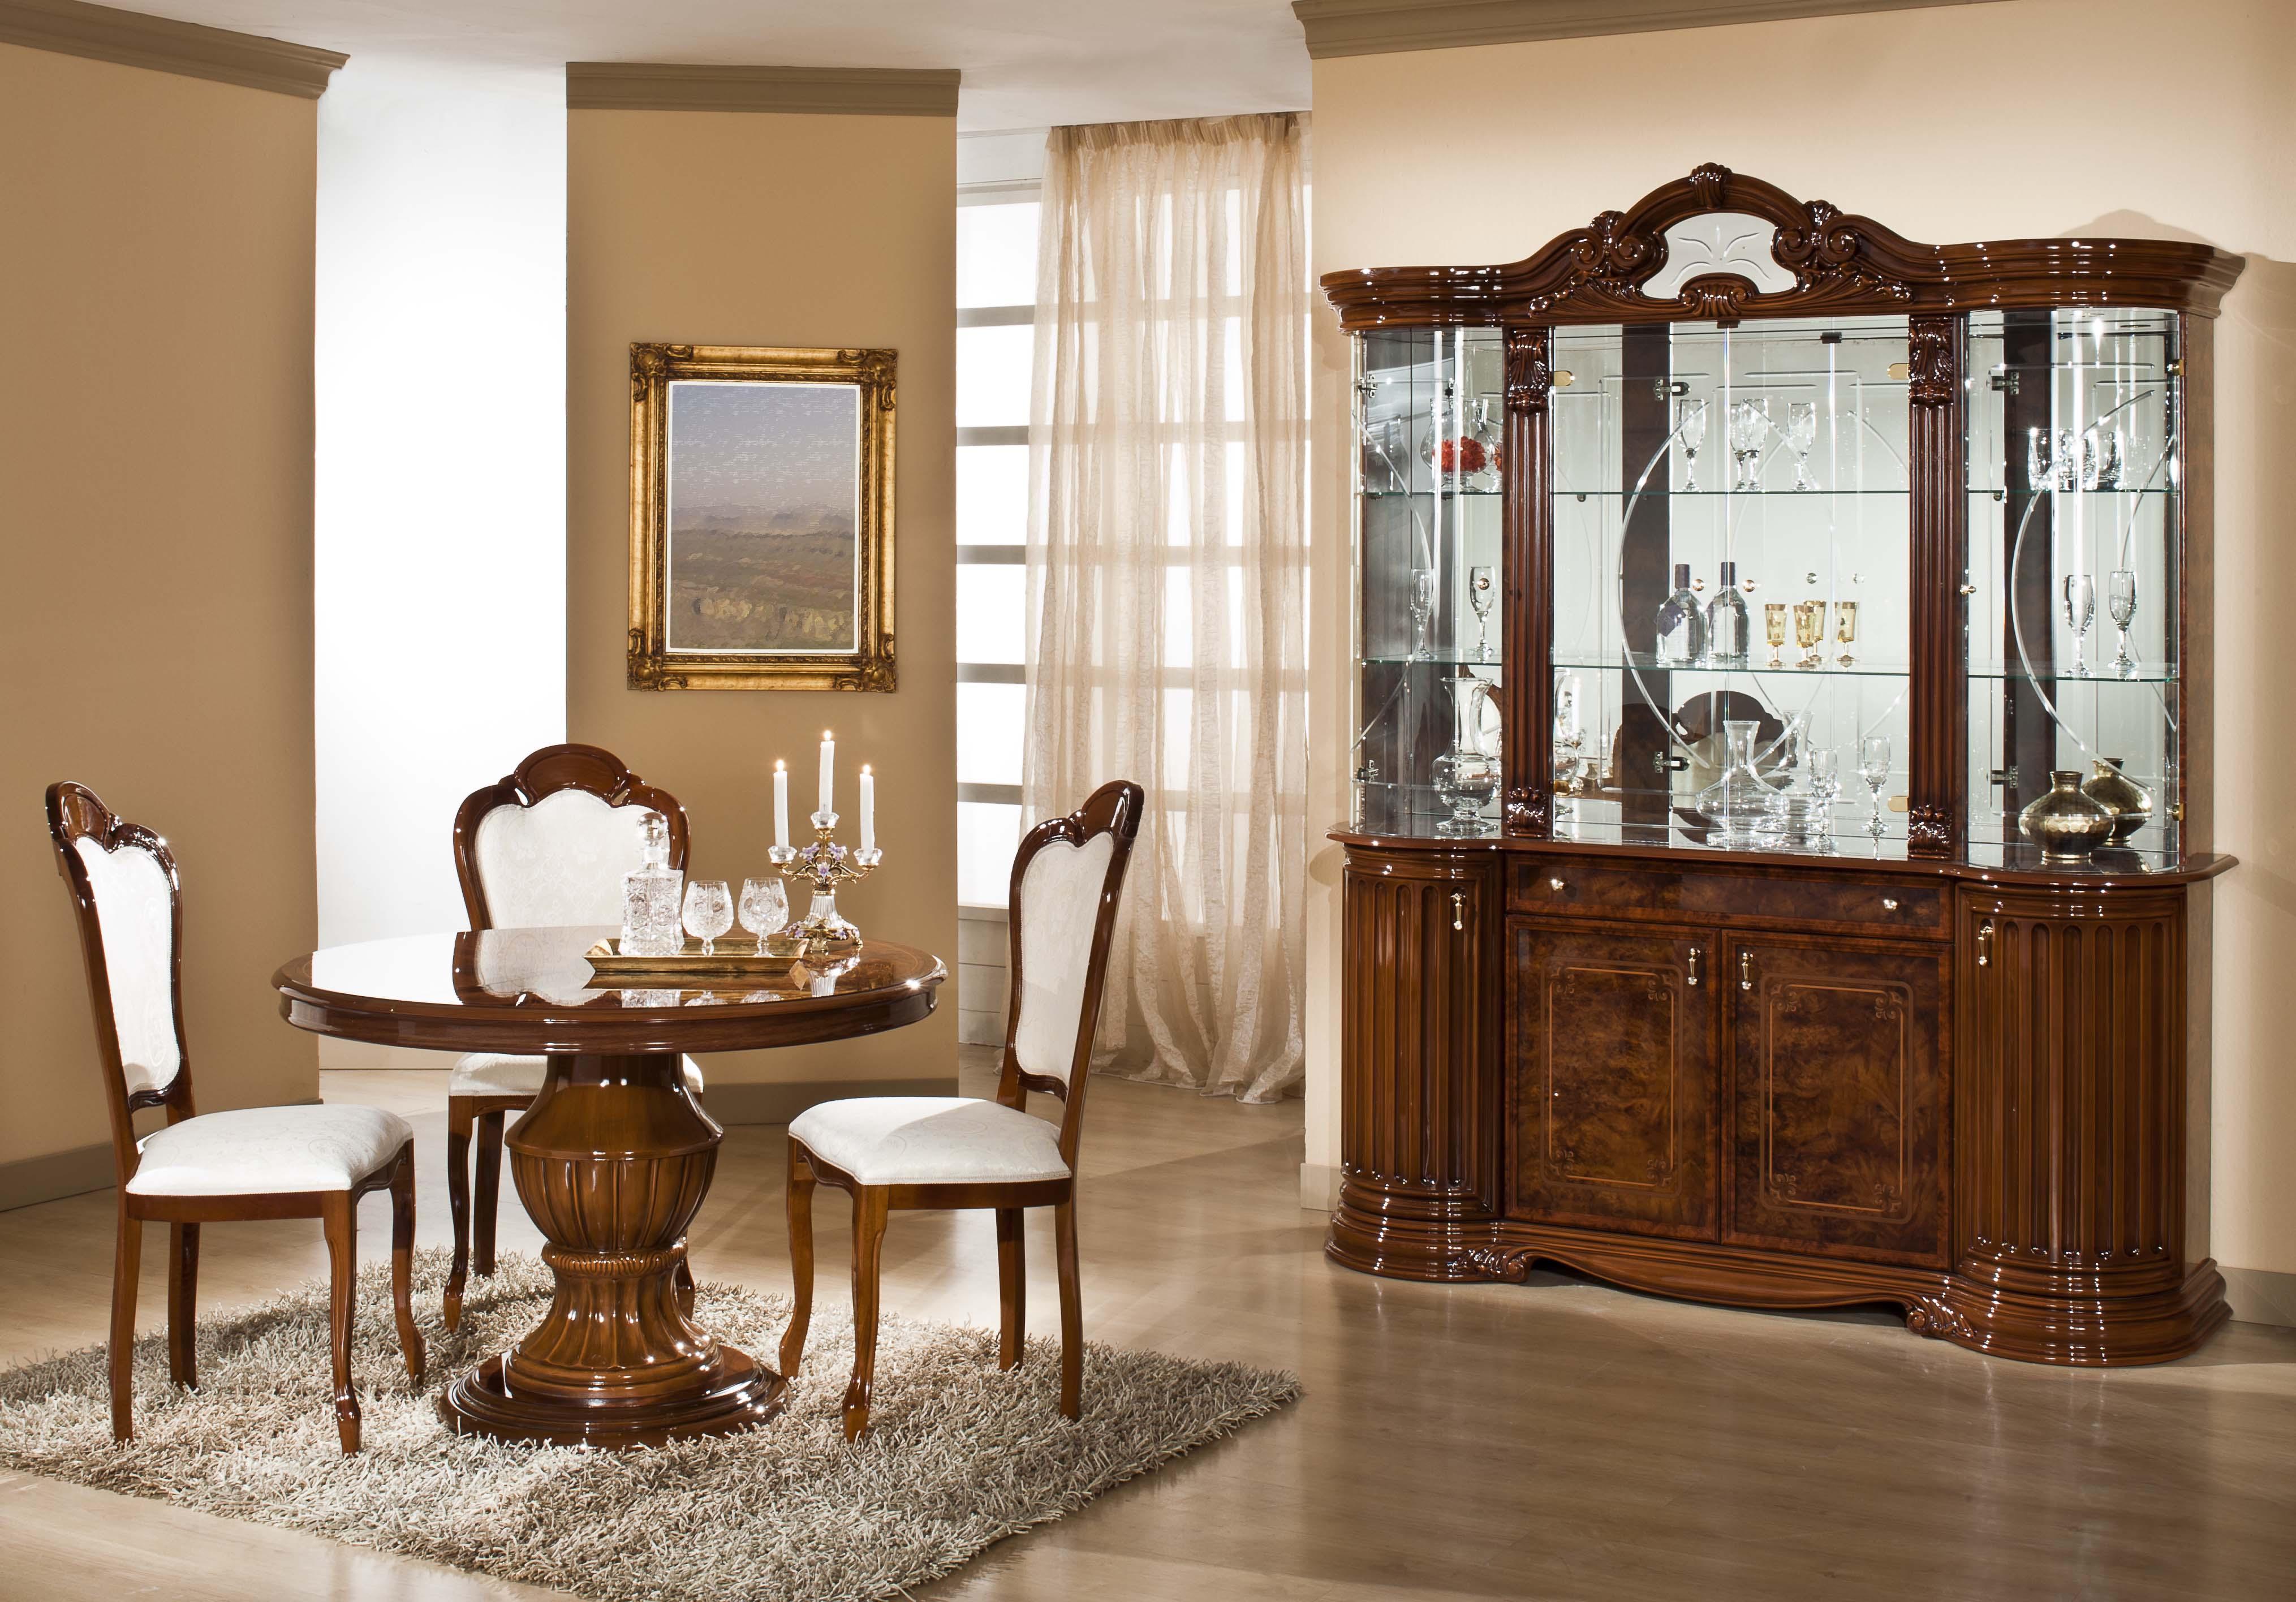 salle manger elisabeth nkl meuble wassa et deco. Black Bedroom Furniture Sets. Home Design Ideas